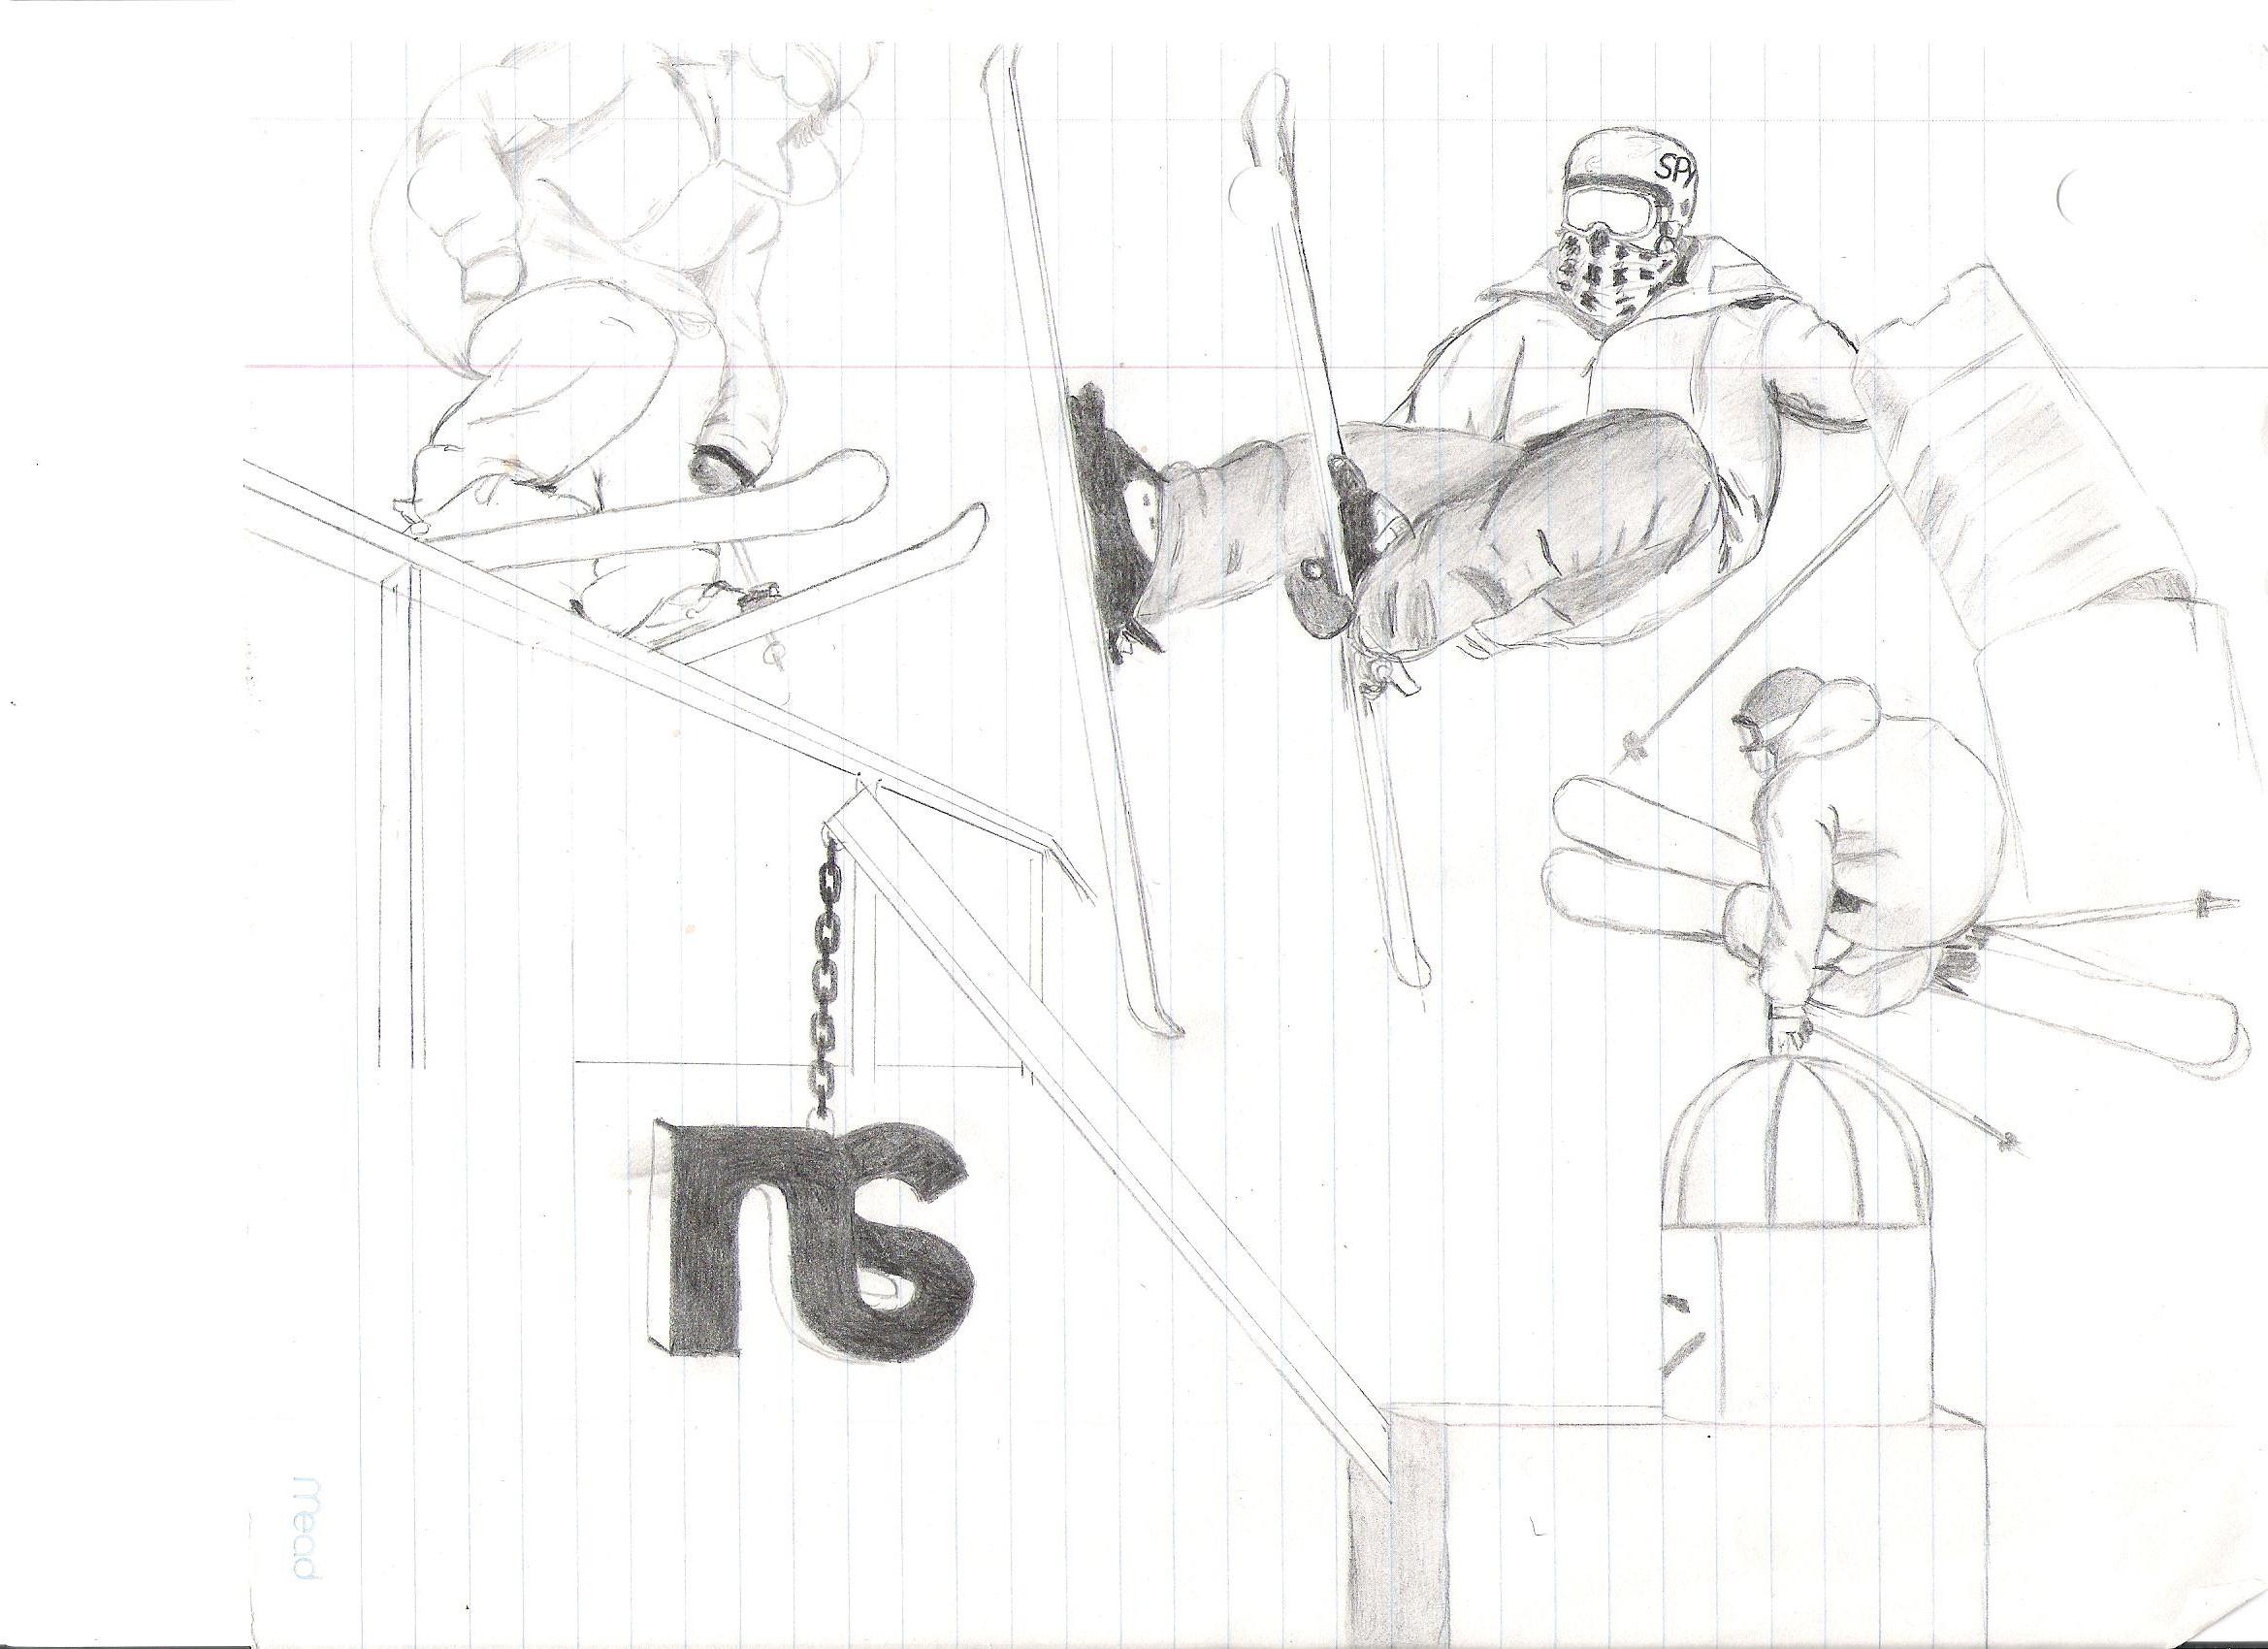 NS drawing 2